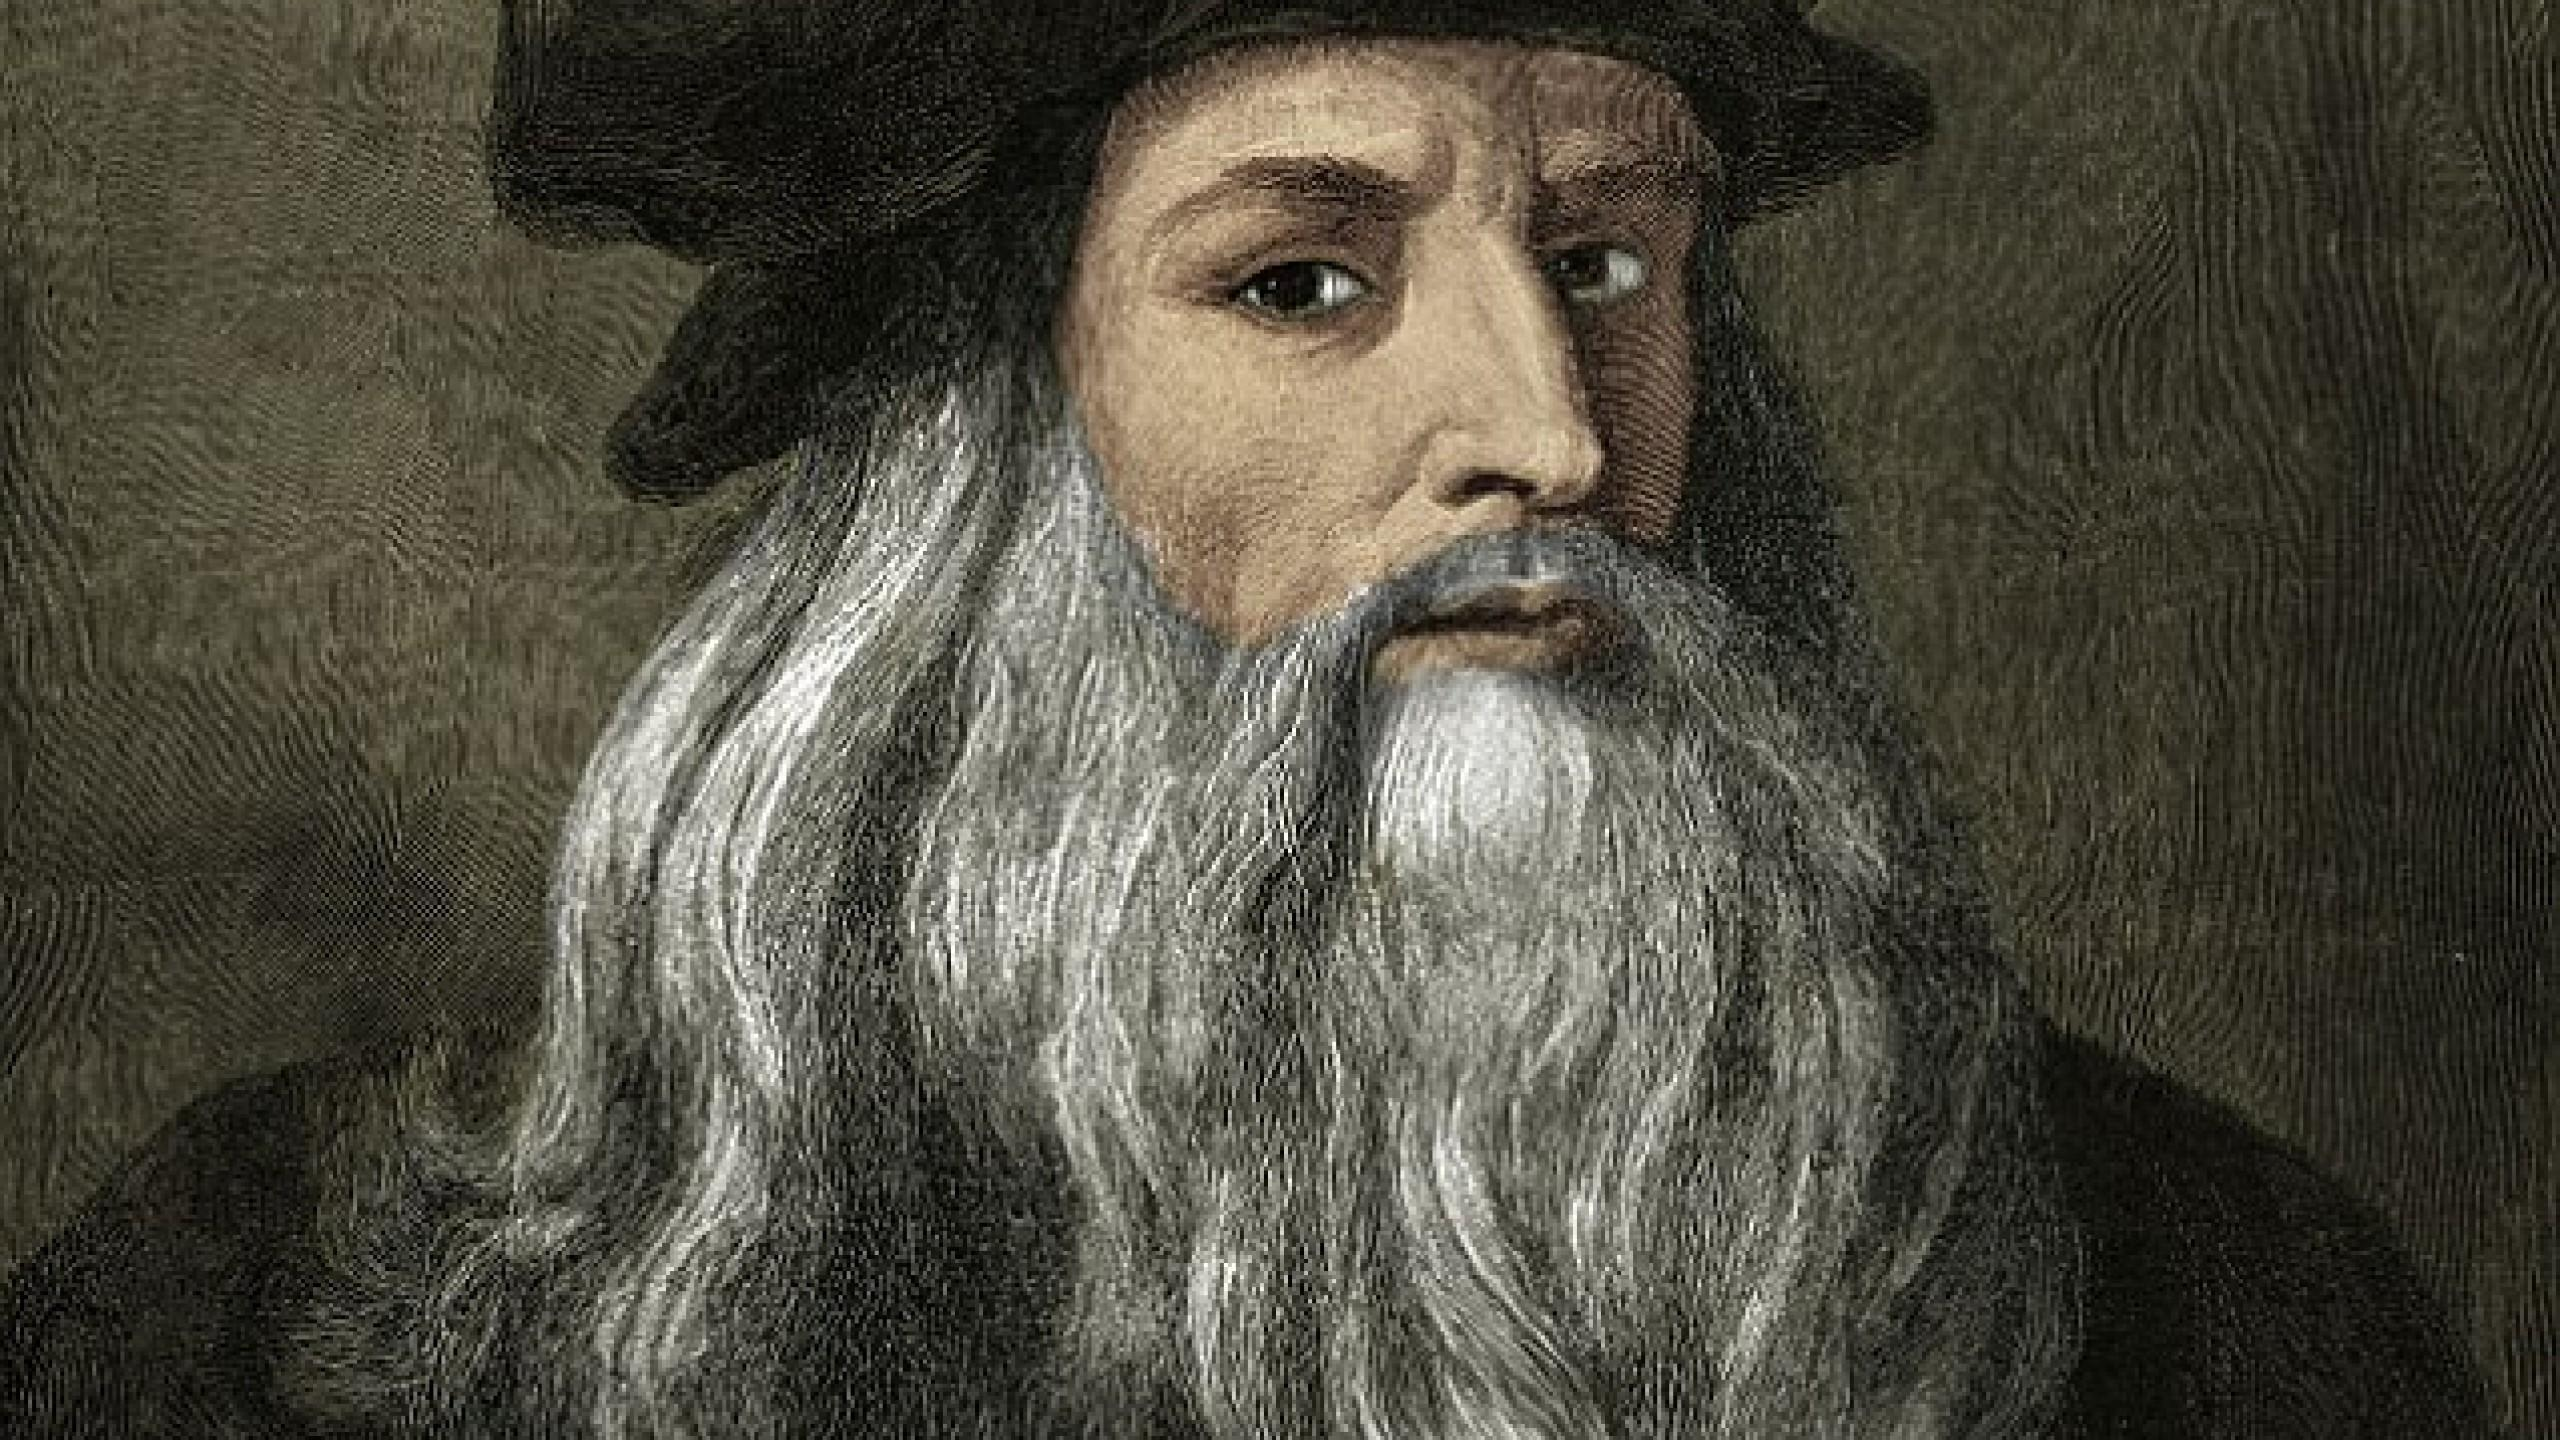 La mente del artista e inventor Leonardo da Vinci, al